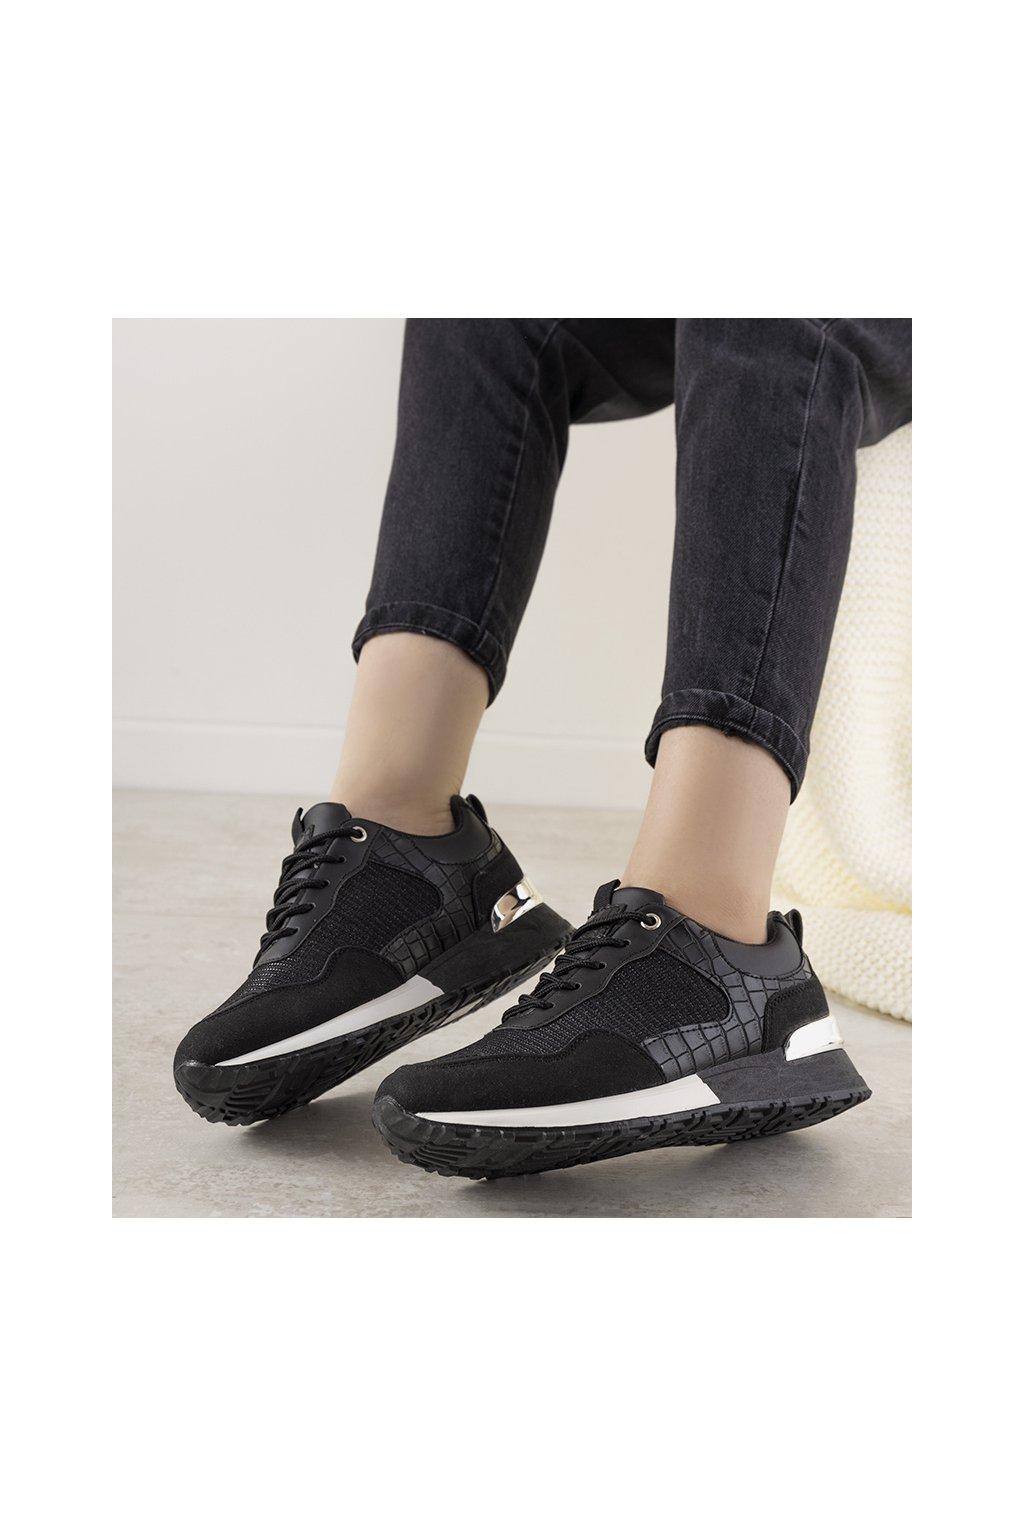 Dámske topánky tenisky čierne kód YL-52 - GM